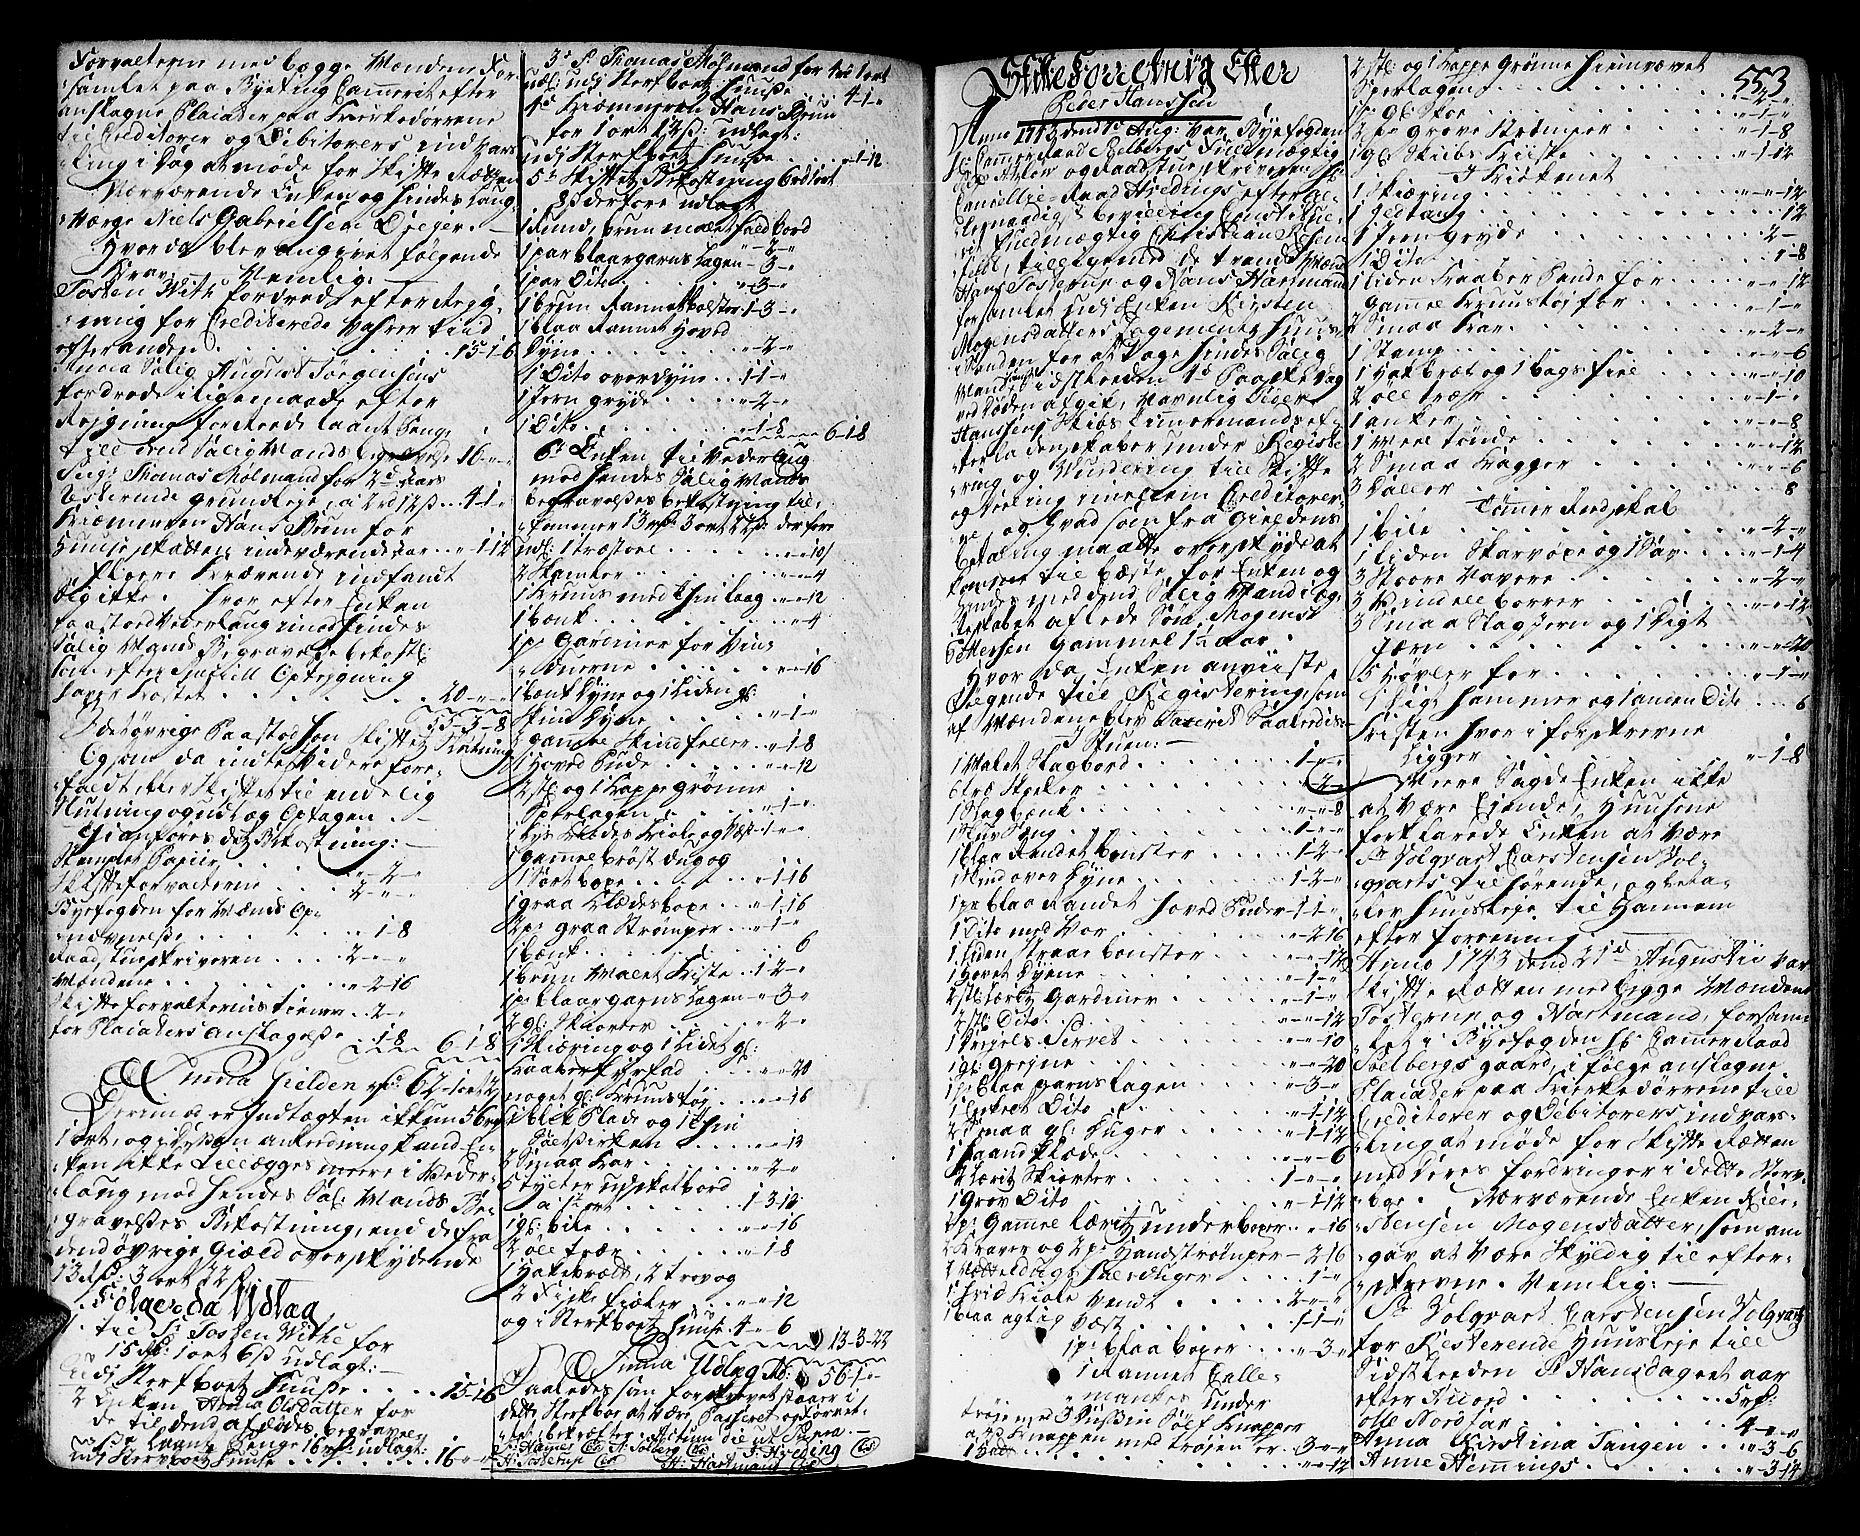 SAT, Trondheim byfogd, 3/3A/L0015: Skifteprotokoll - gml.nr.13b. (m/ register), 1739-1747, s. 552b-553a